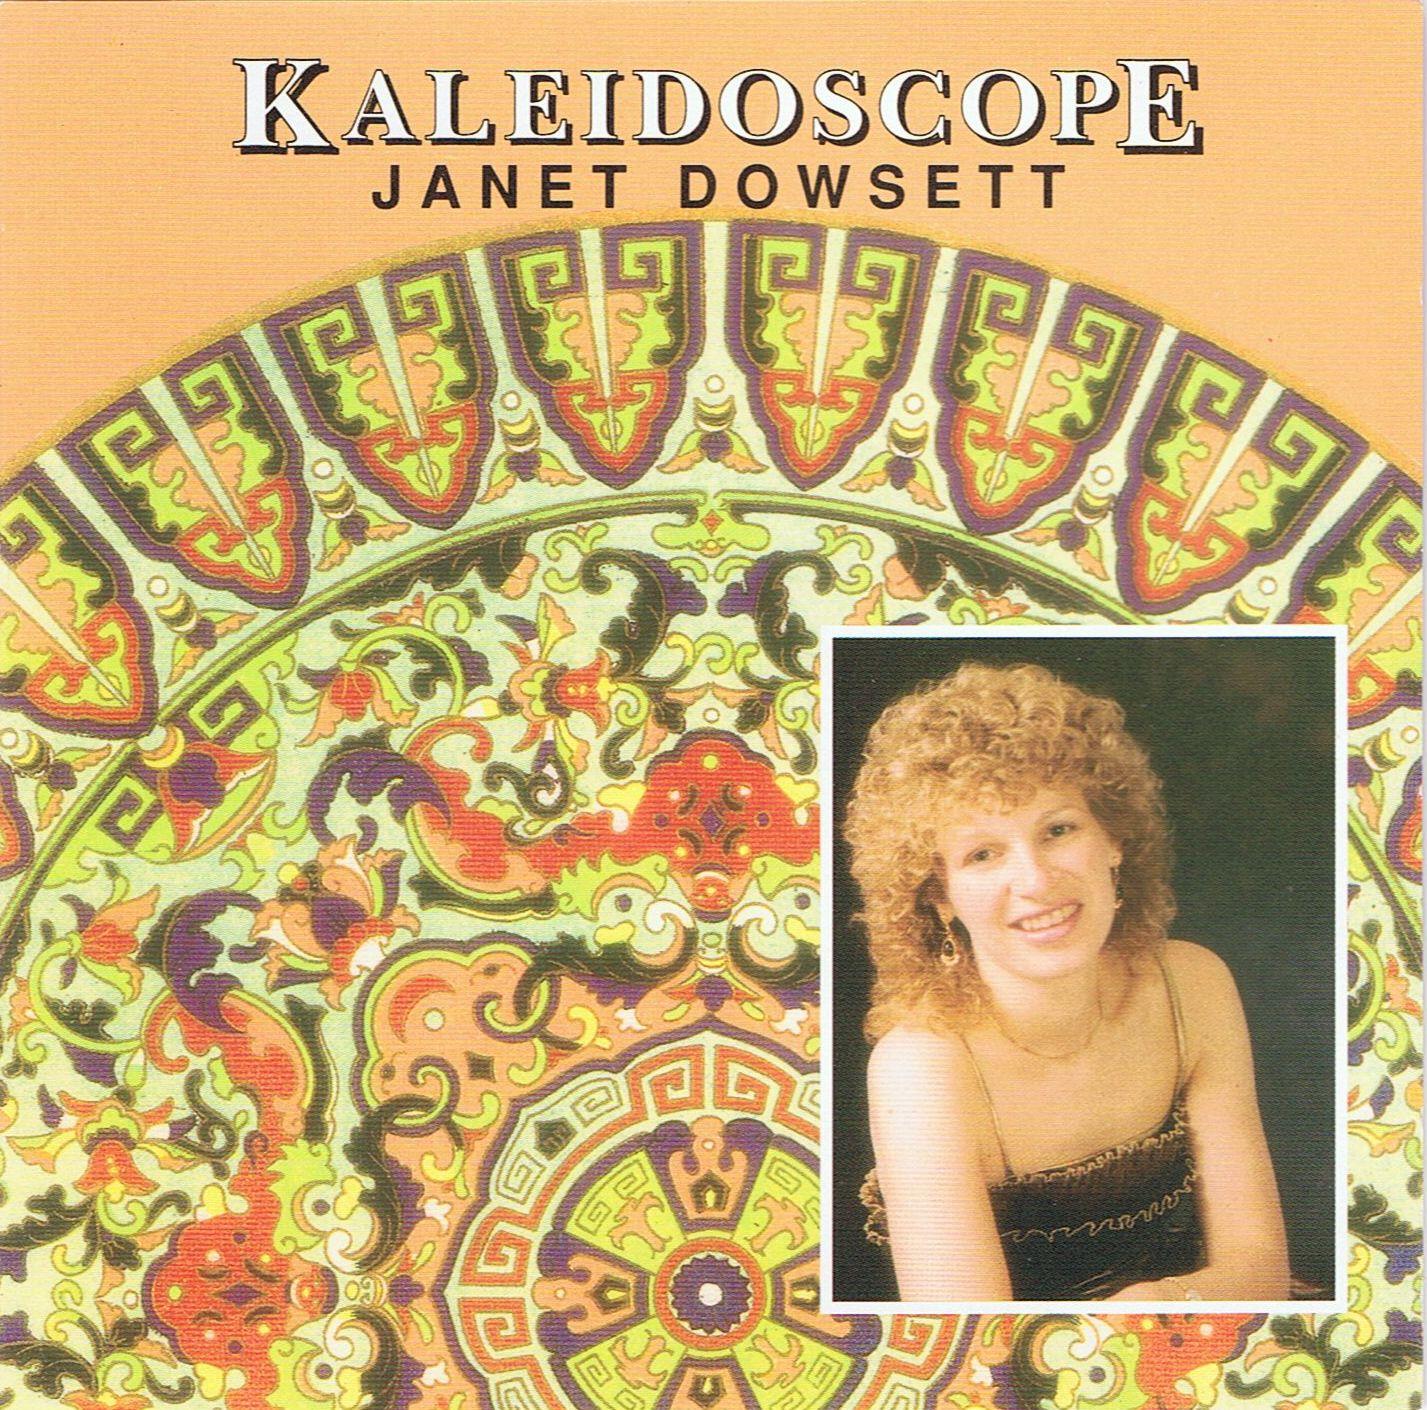 Janet Dowsett - Kaleidoscope